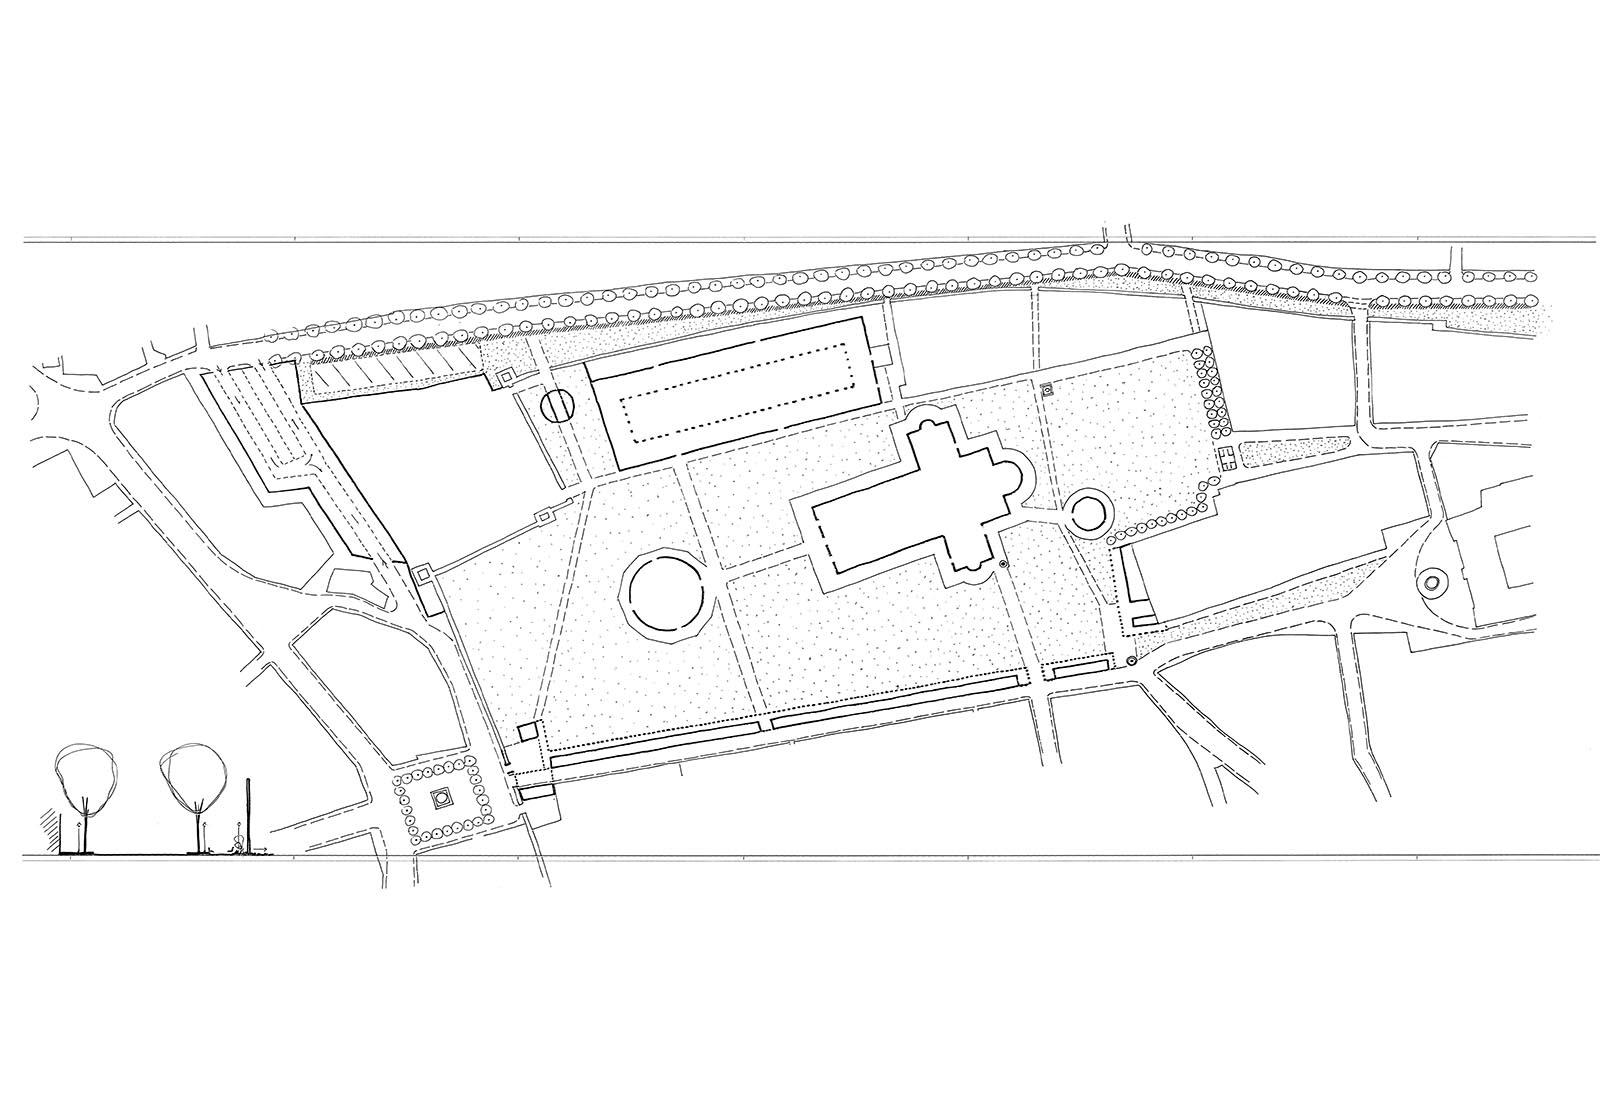 Concorso piazza dei miracoli a Pisa - Metaprogetto